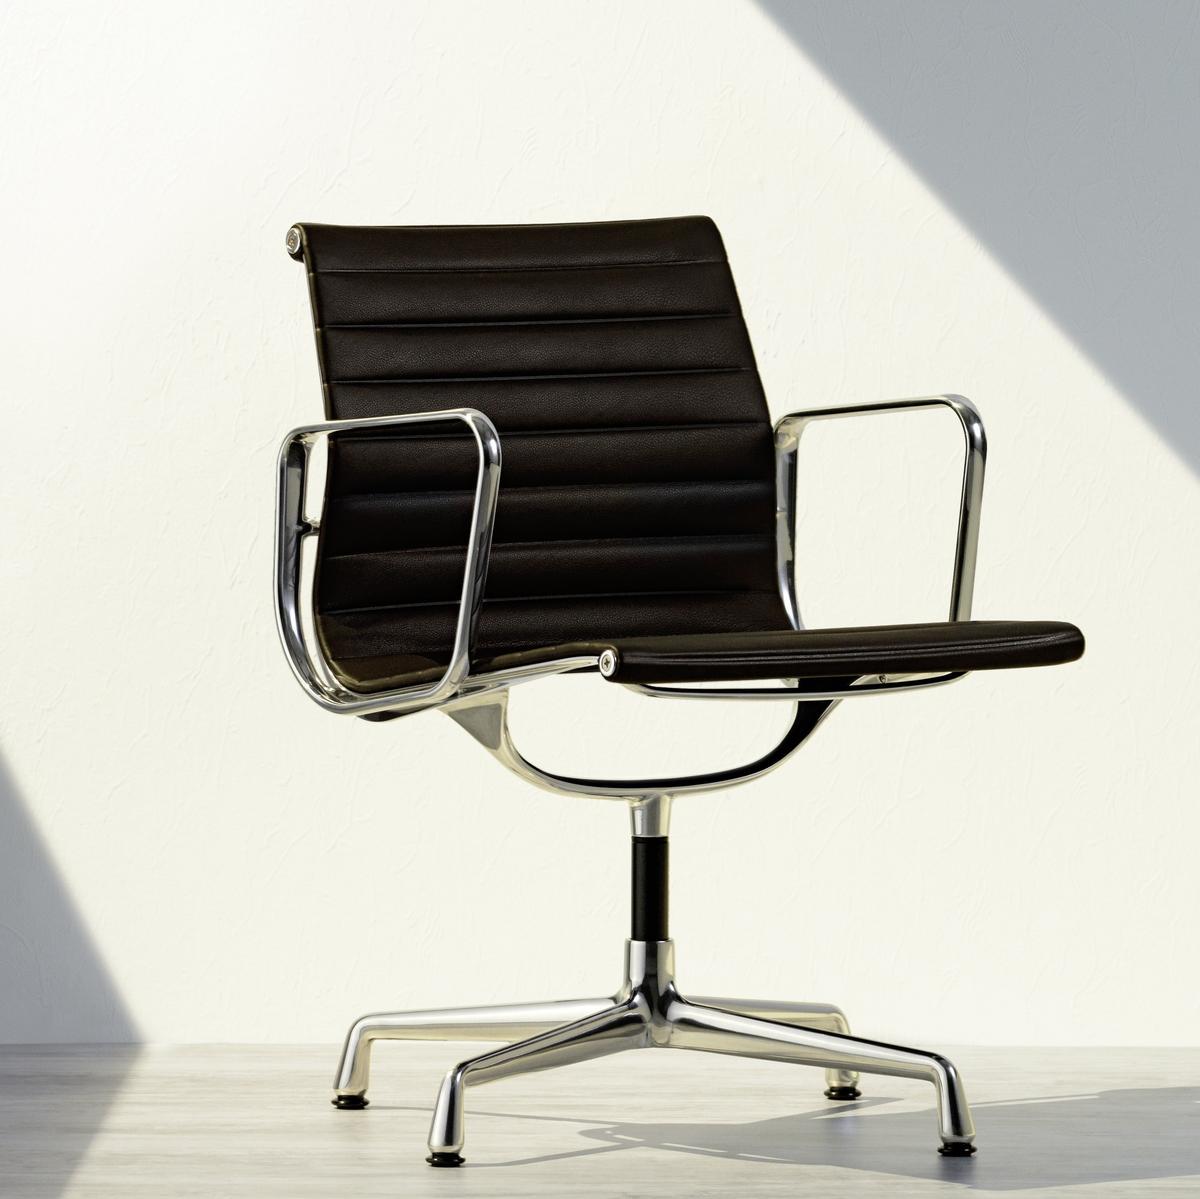 Eames Aluminium Chairs Vitra Designerstuhle Von Smow De